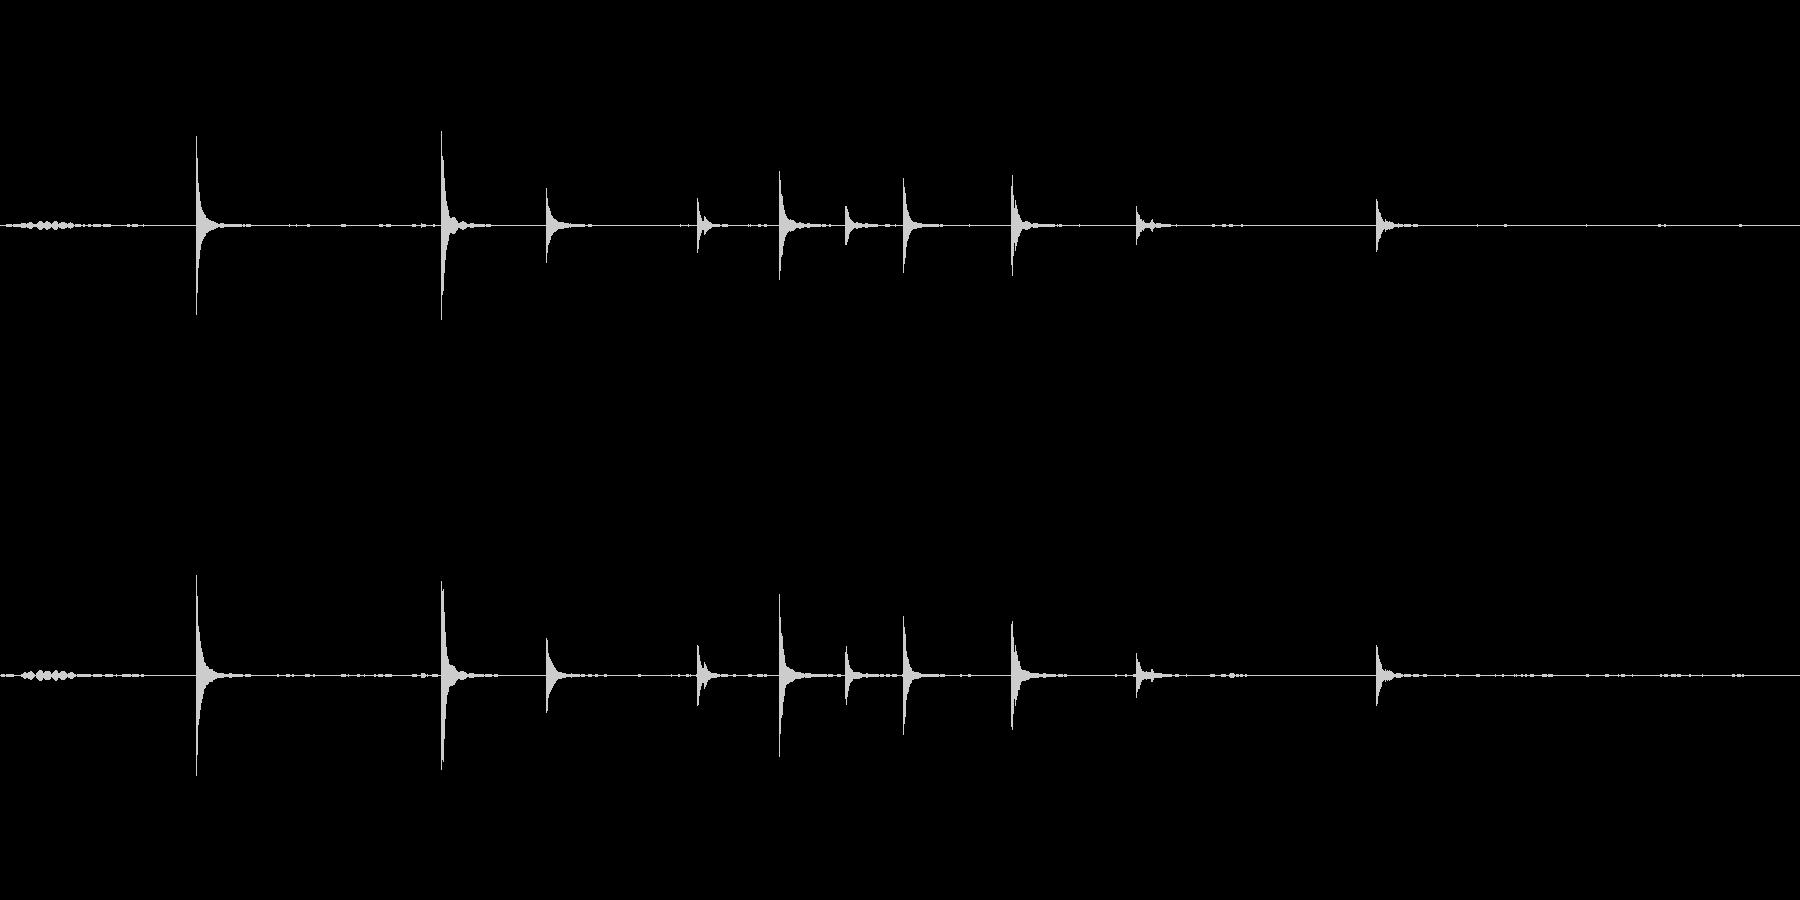 チリリン音が普通の風鈴と違いますの未再生の波形